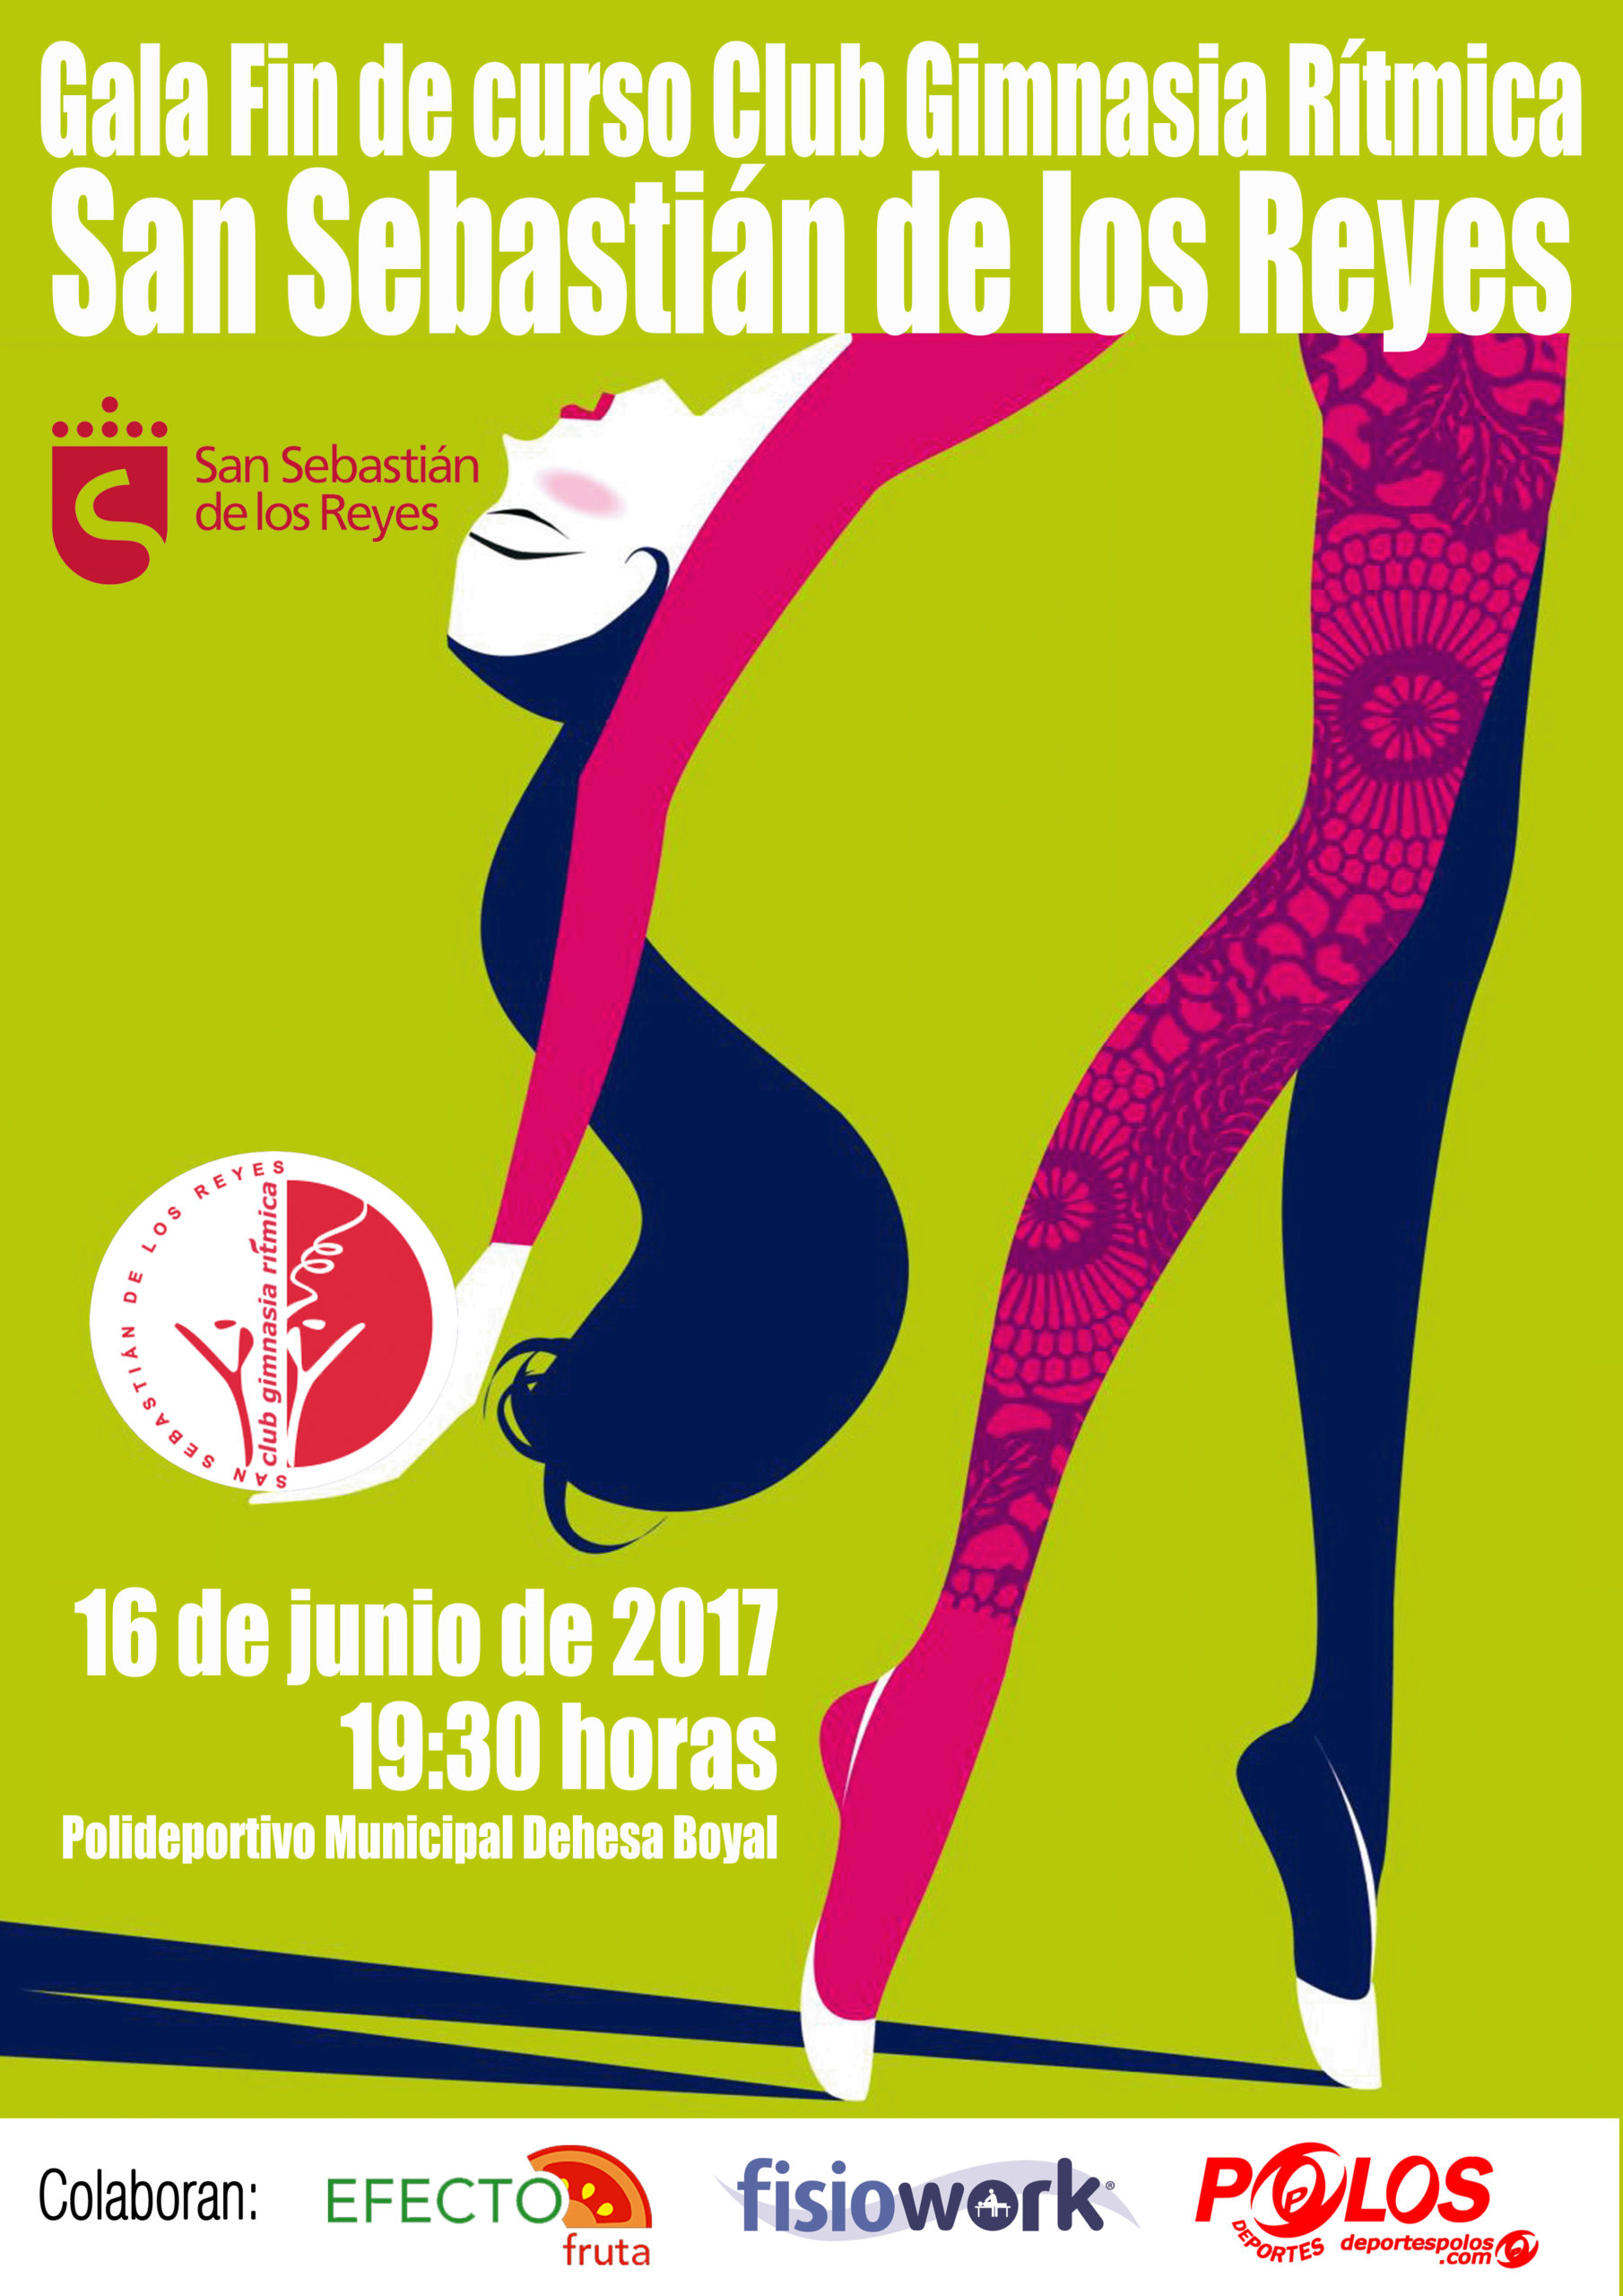 Gala de fin de curso club gimnasia r tmica s s de los reyes for Escuela danza san sebastian de los reyes